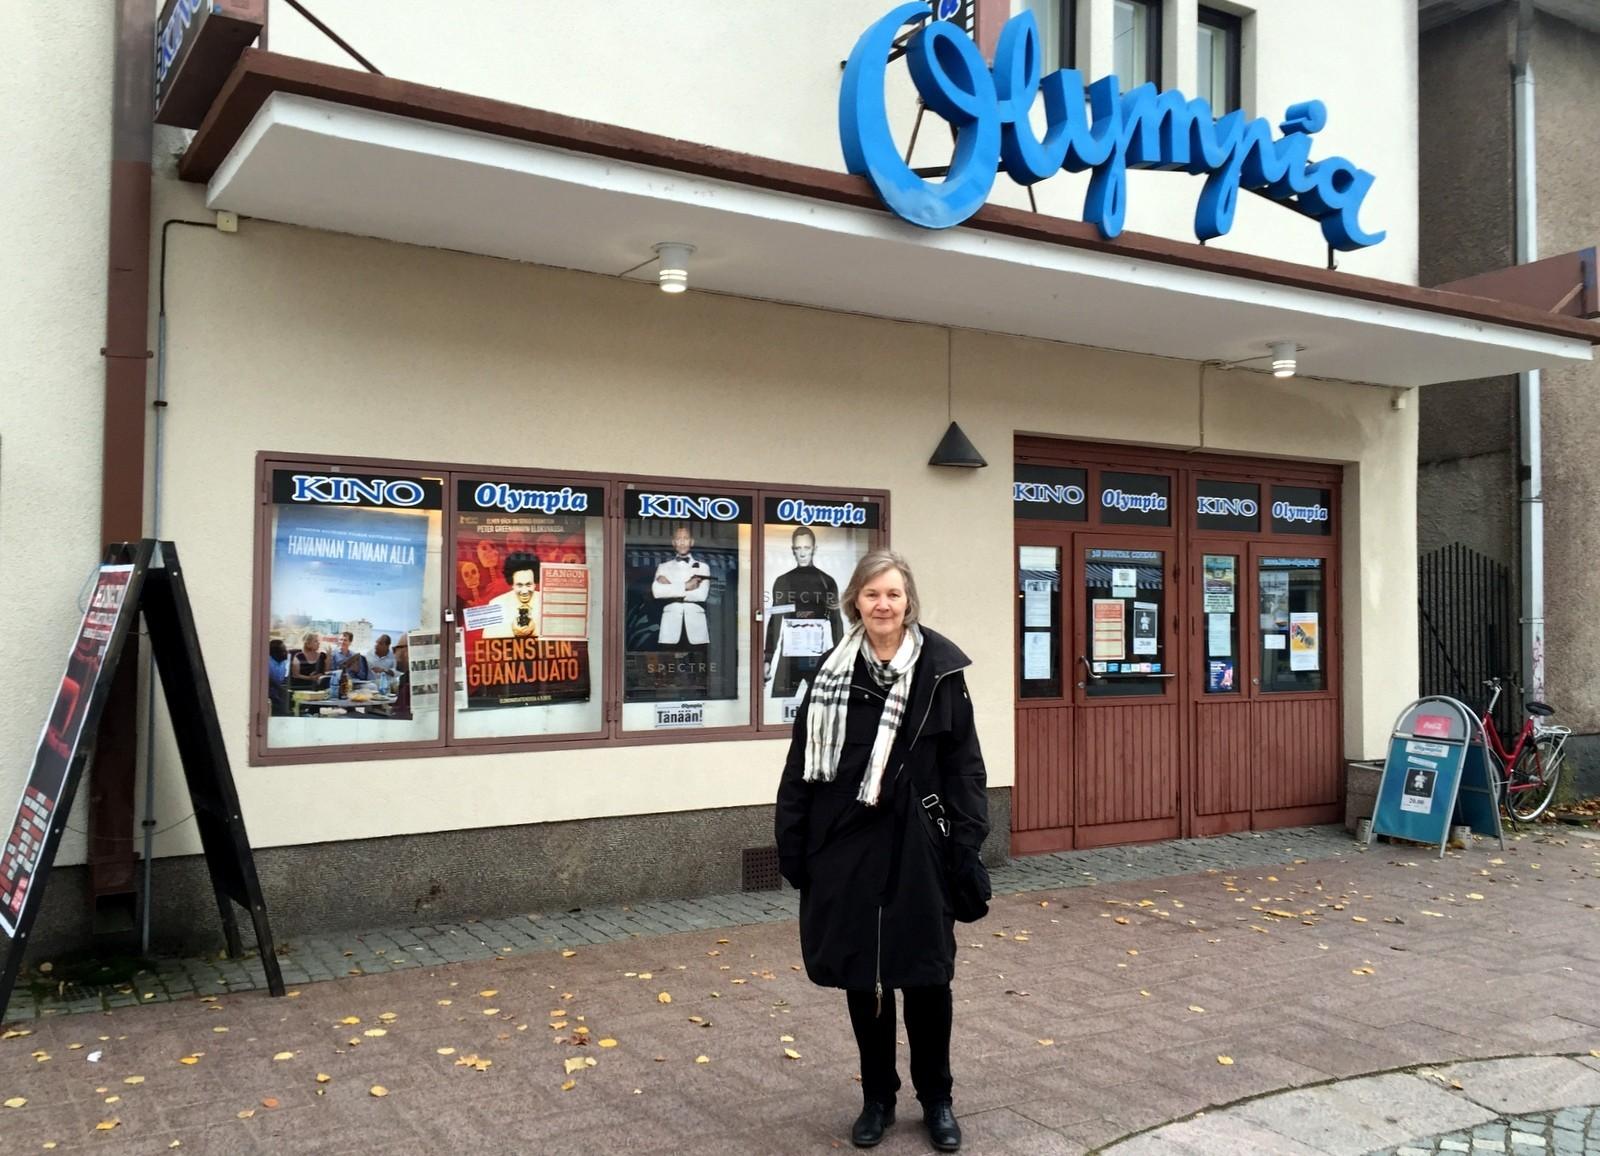 Kino Olympia Hangon elokuvajuhlat